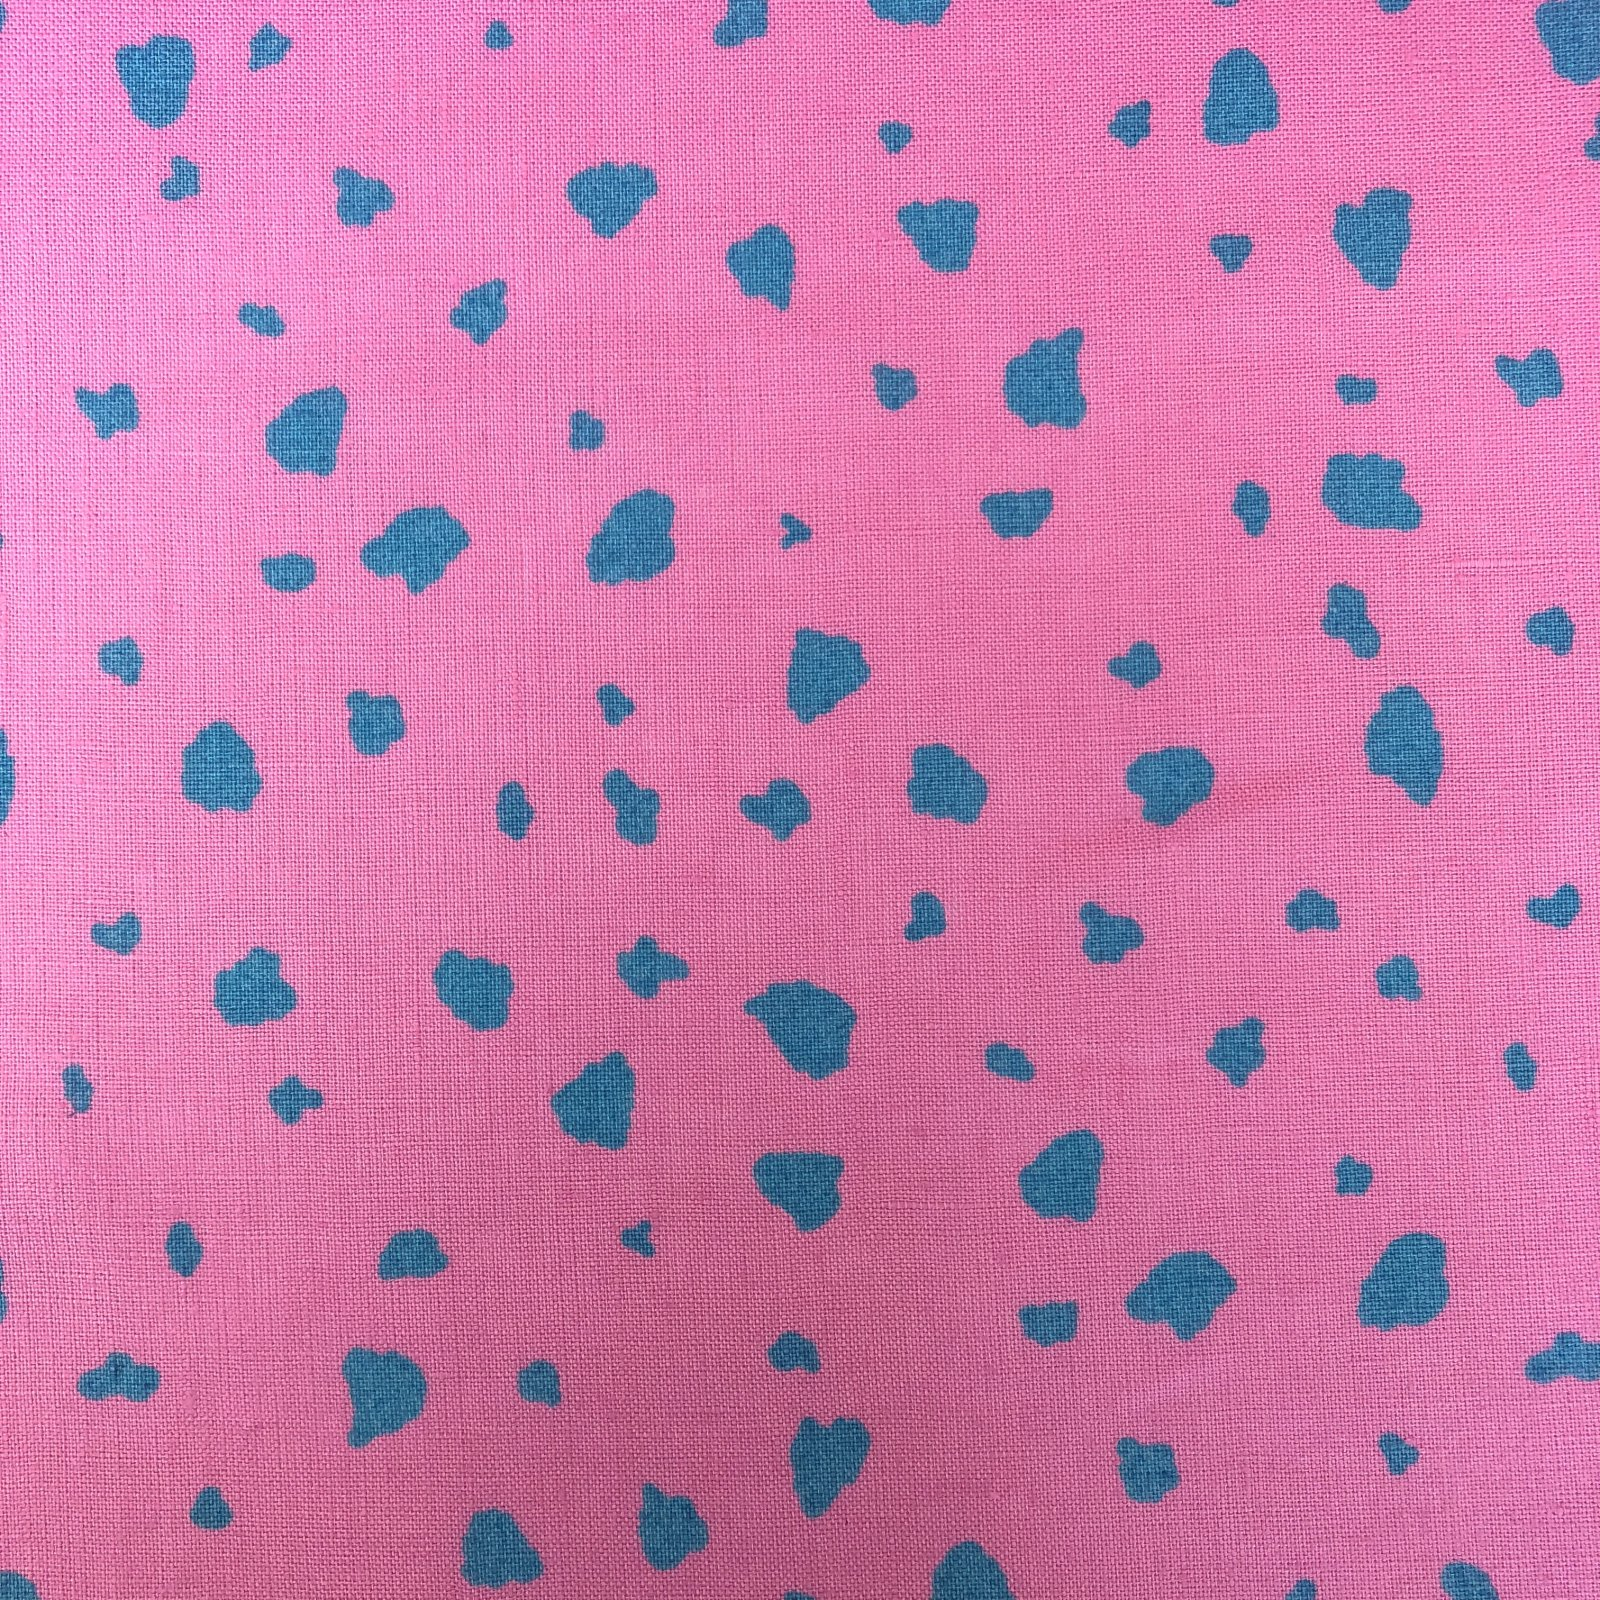 100% Linen - Flecked - Pink/Aqua